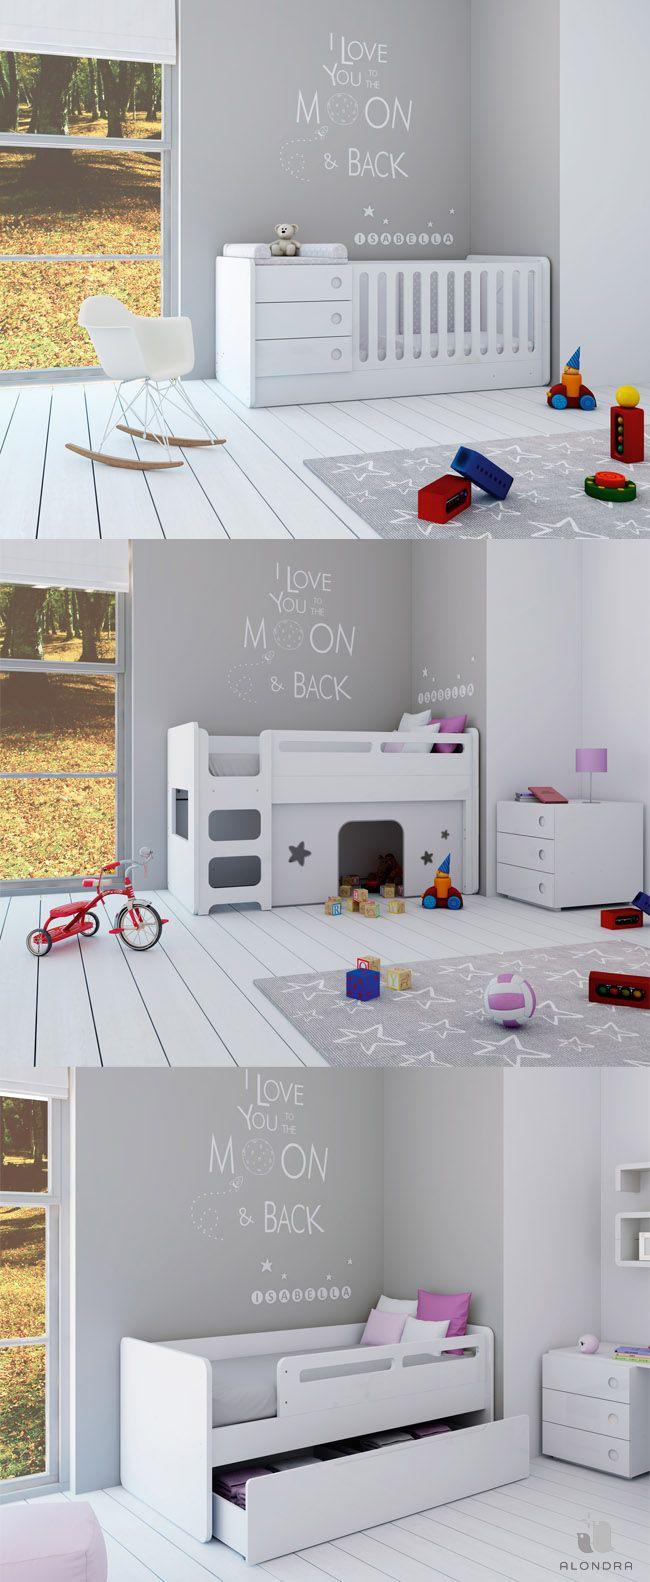 Descubre cómo se transforma y se adapta a tu bebé la cuna convertible UP ORBIT de Alondra. La única que se convierte en cabaña de juegos con cama alta. ¡Un sueño hecho realidad para cualquier niño!